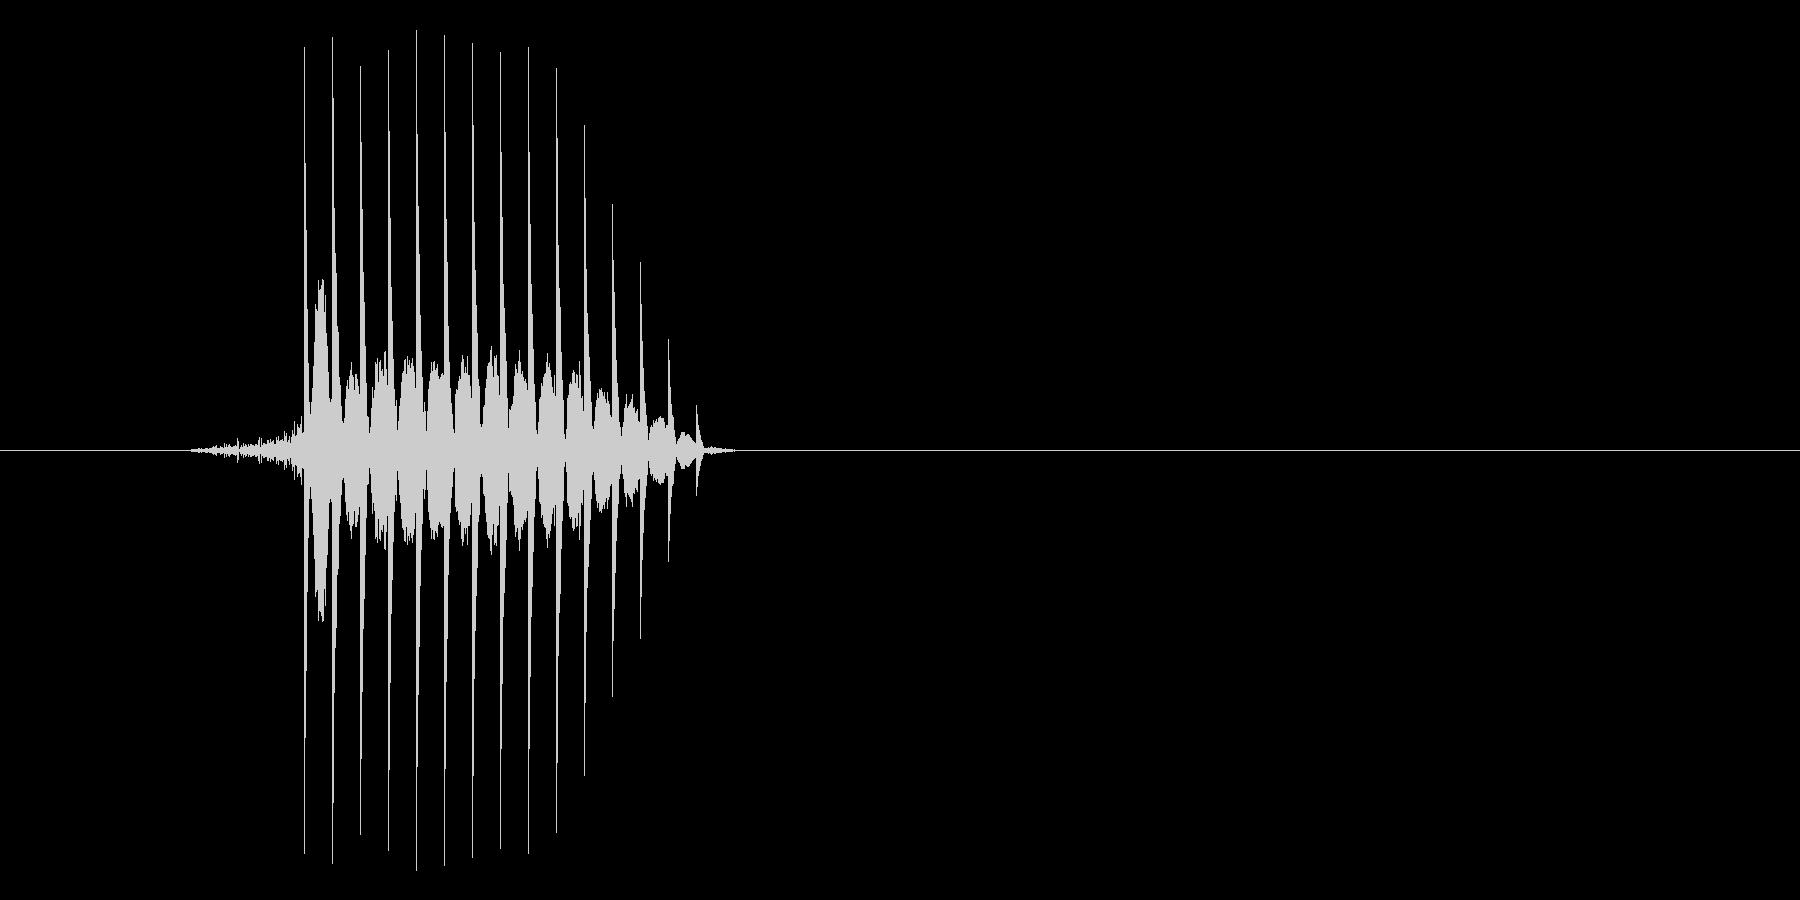 ゲーム(ファミコン風)セレクト音_025の未再生の波形